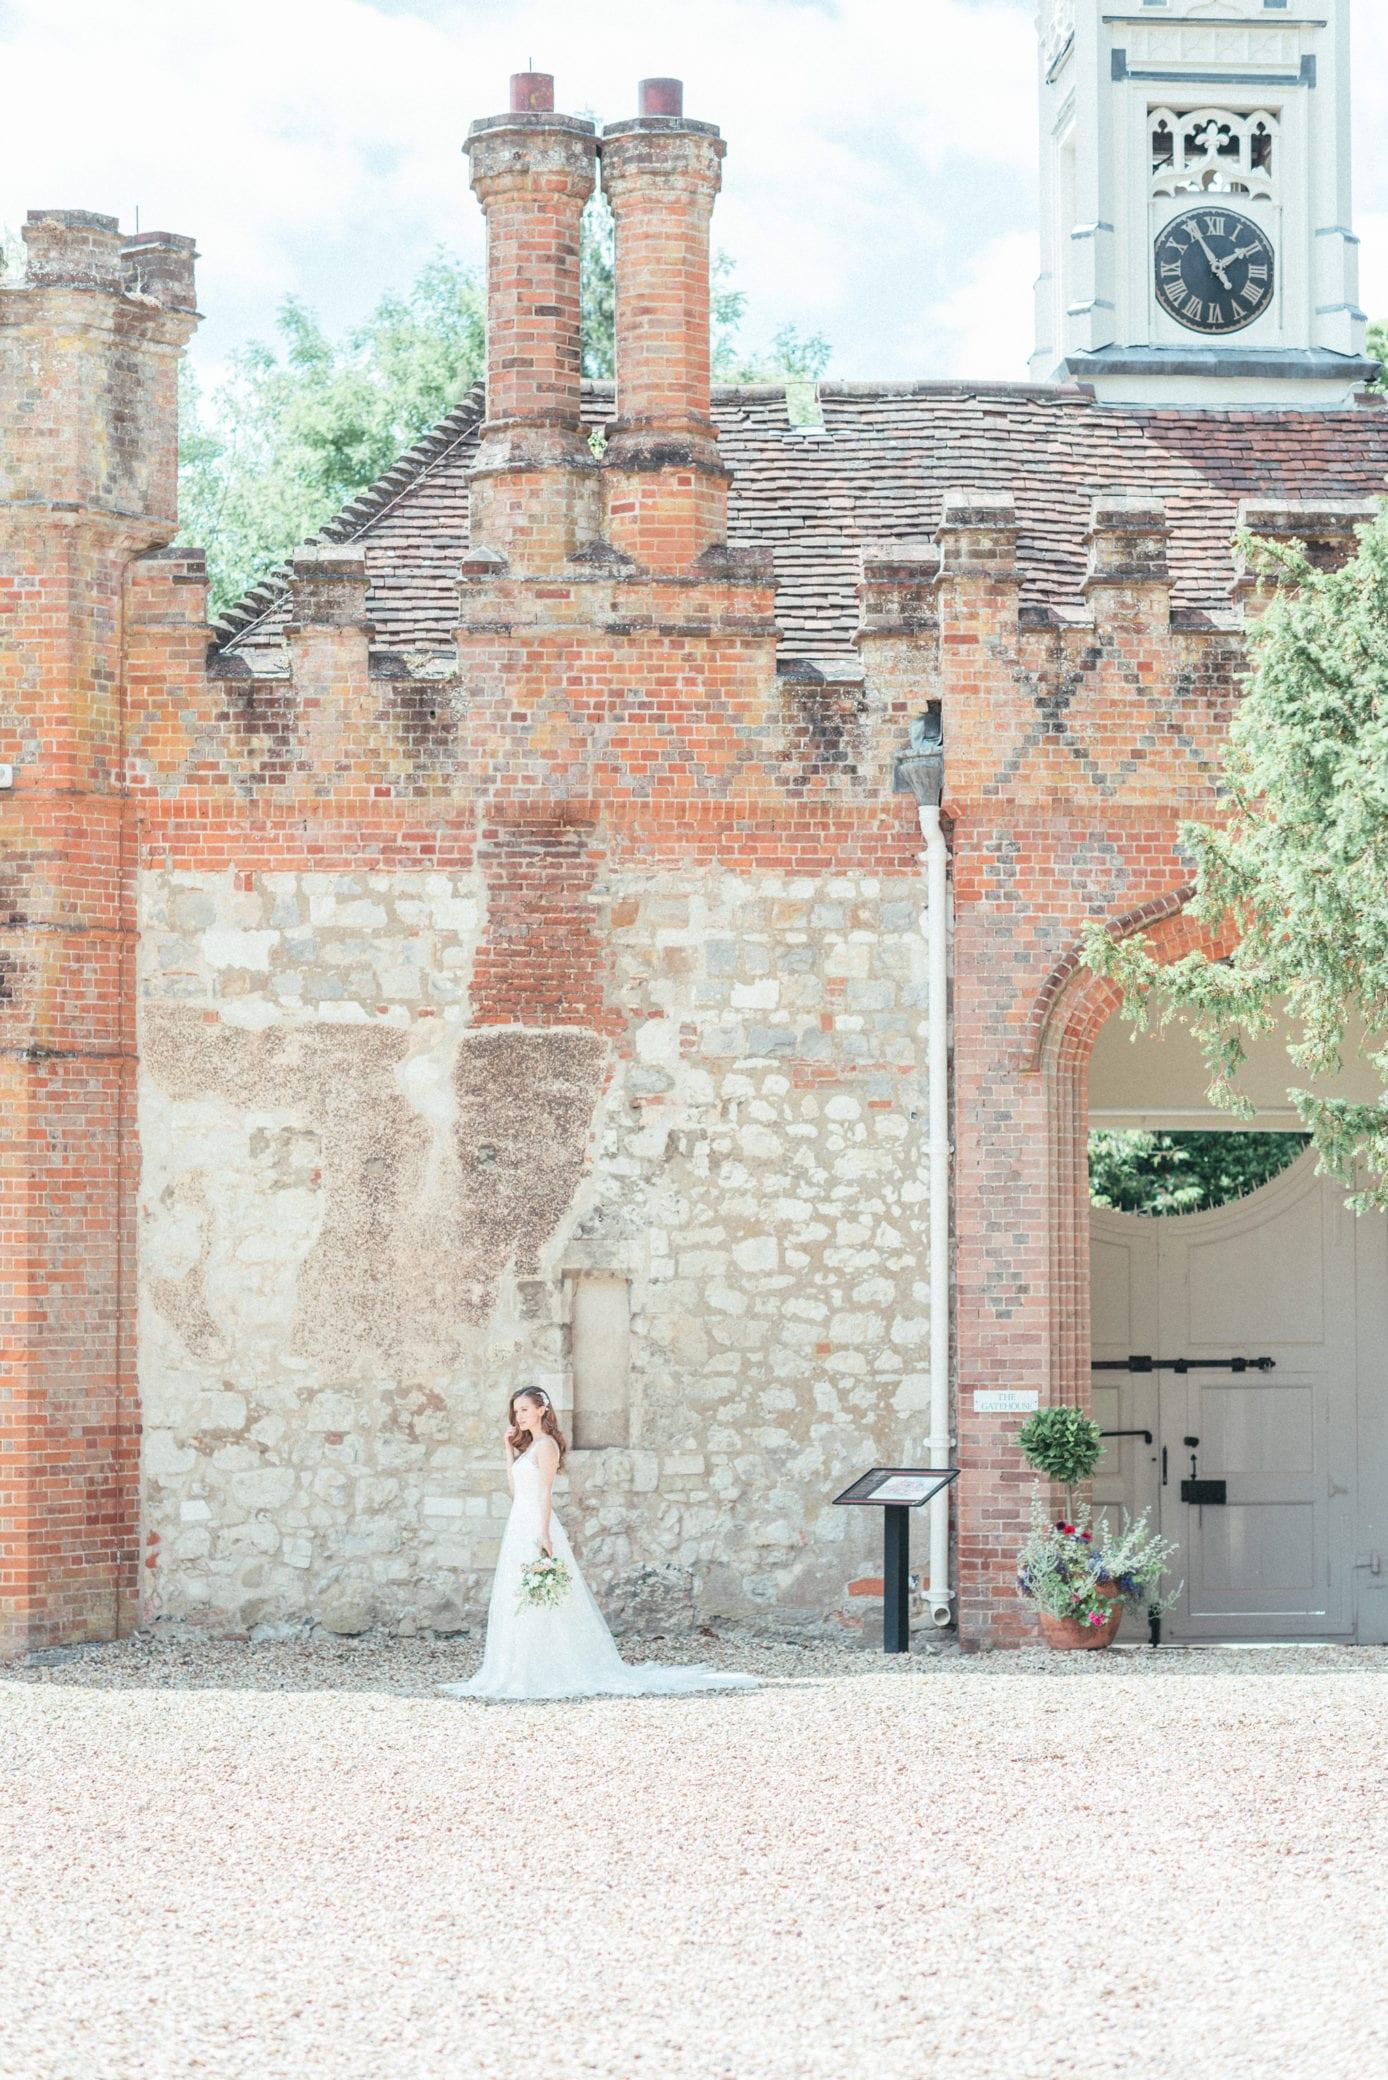 Bridal preparation room at Farnham Castle in Surrey